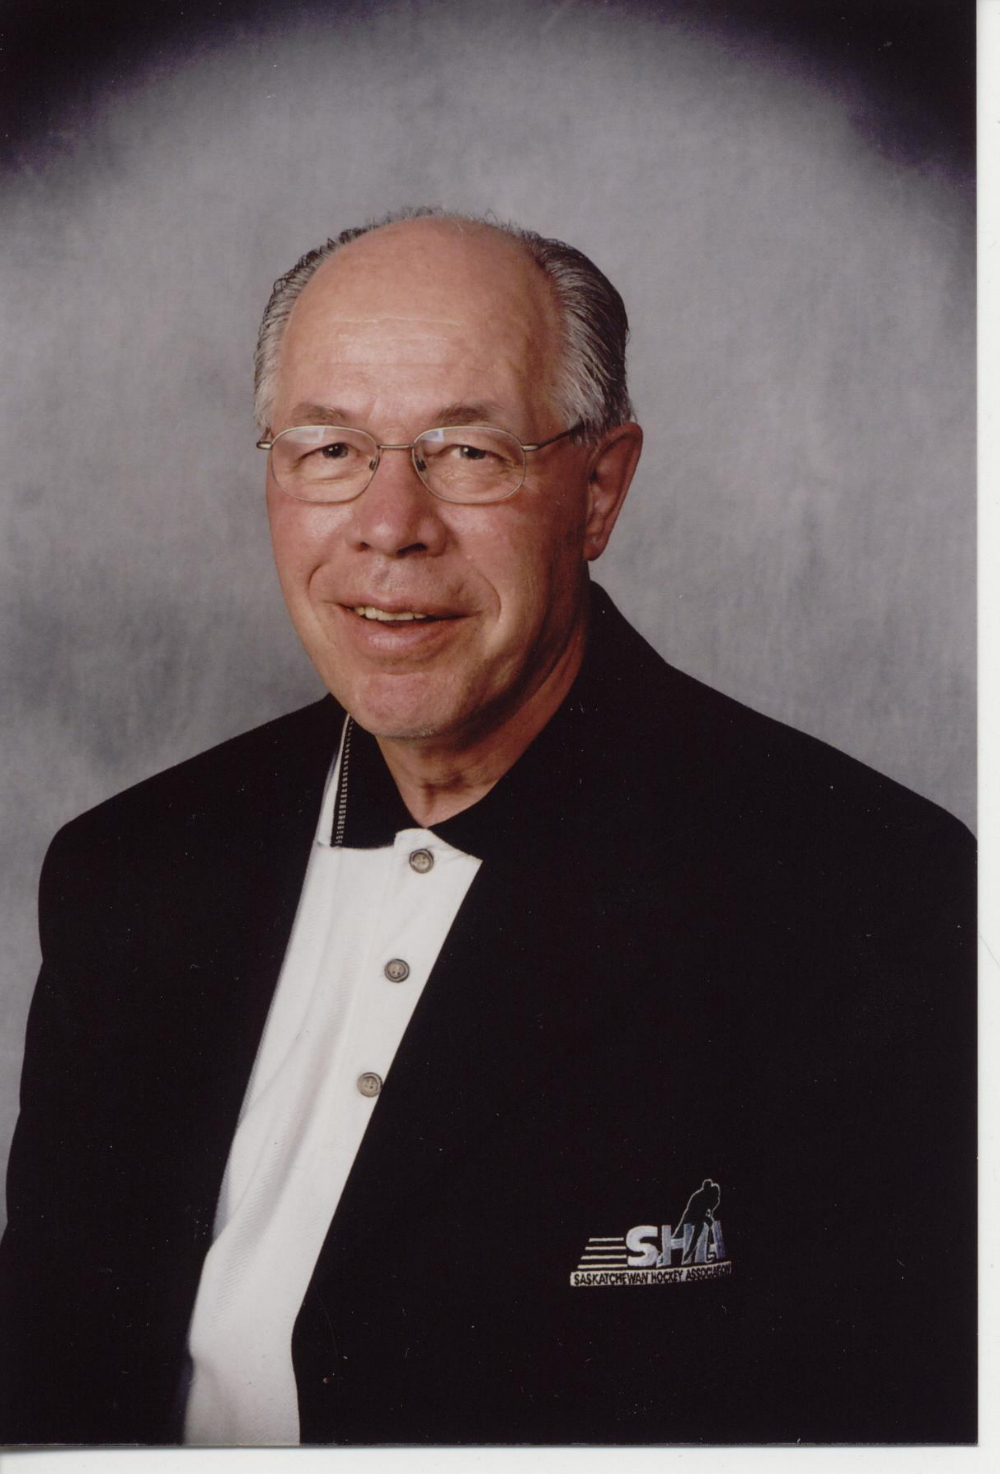 Wayne Kartusch